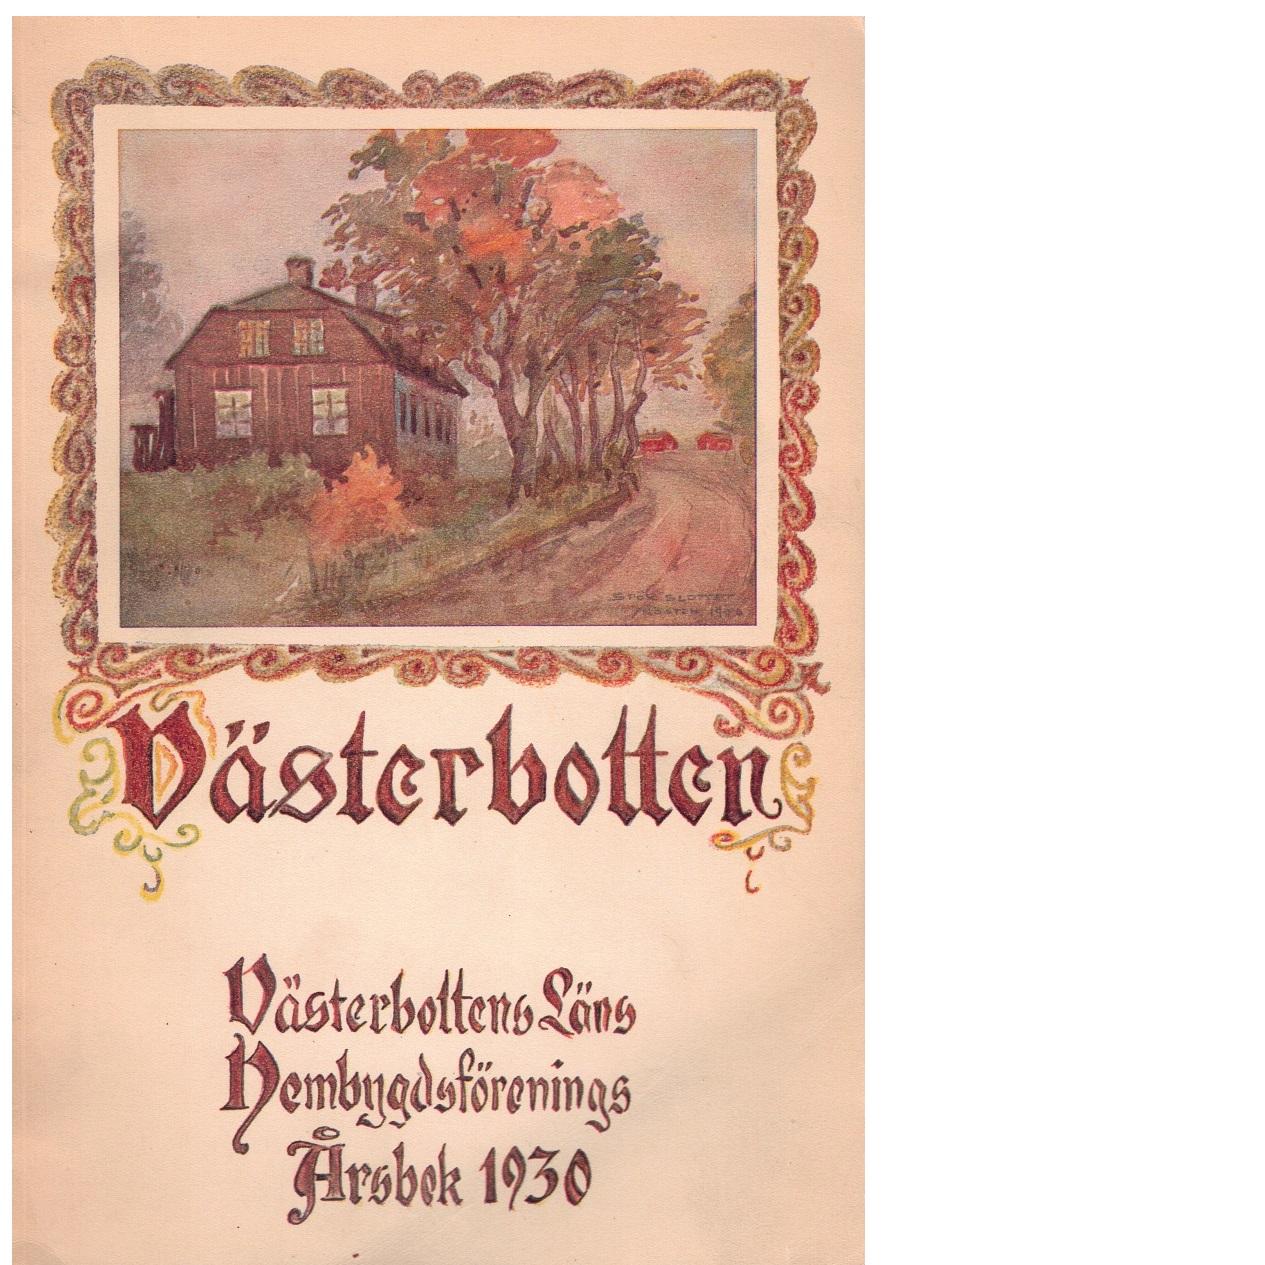 Västerbotten 1930 : Västerbottens läns hembygdsförenings årsbok - Red.